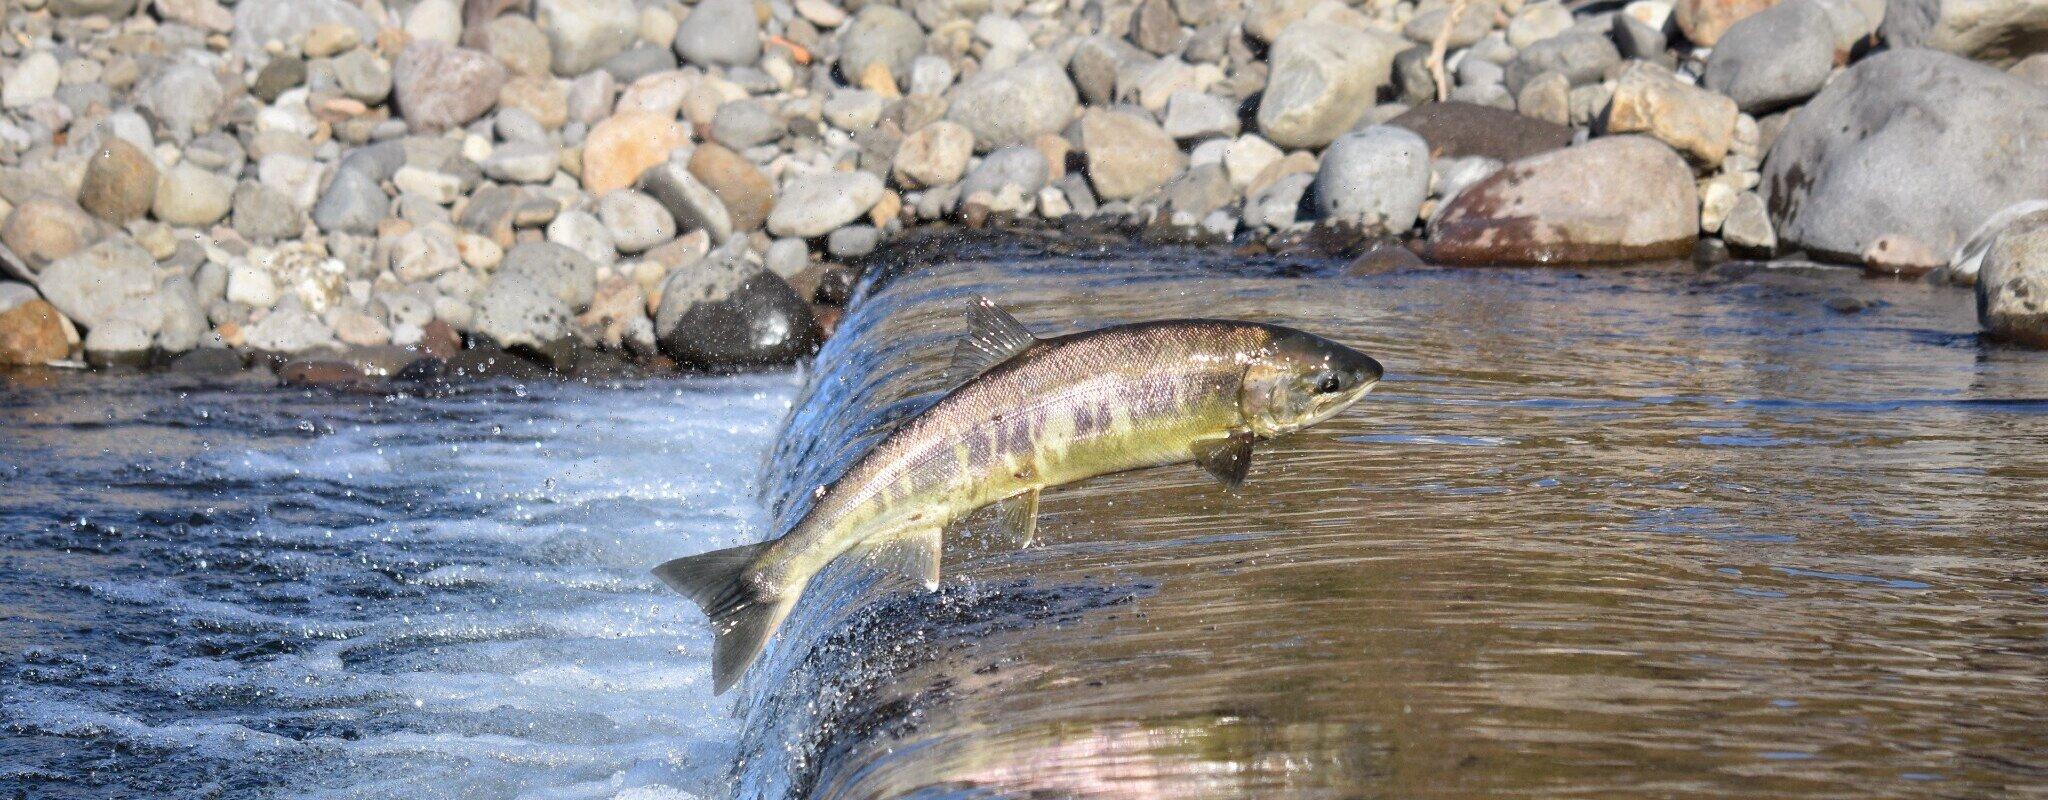 À cause de la France, les saumons toujours empêchés de remonter le Rhin